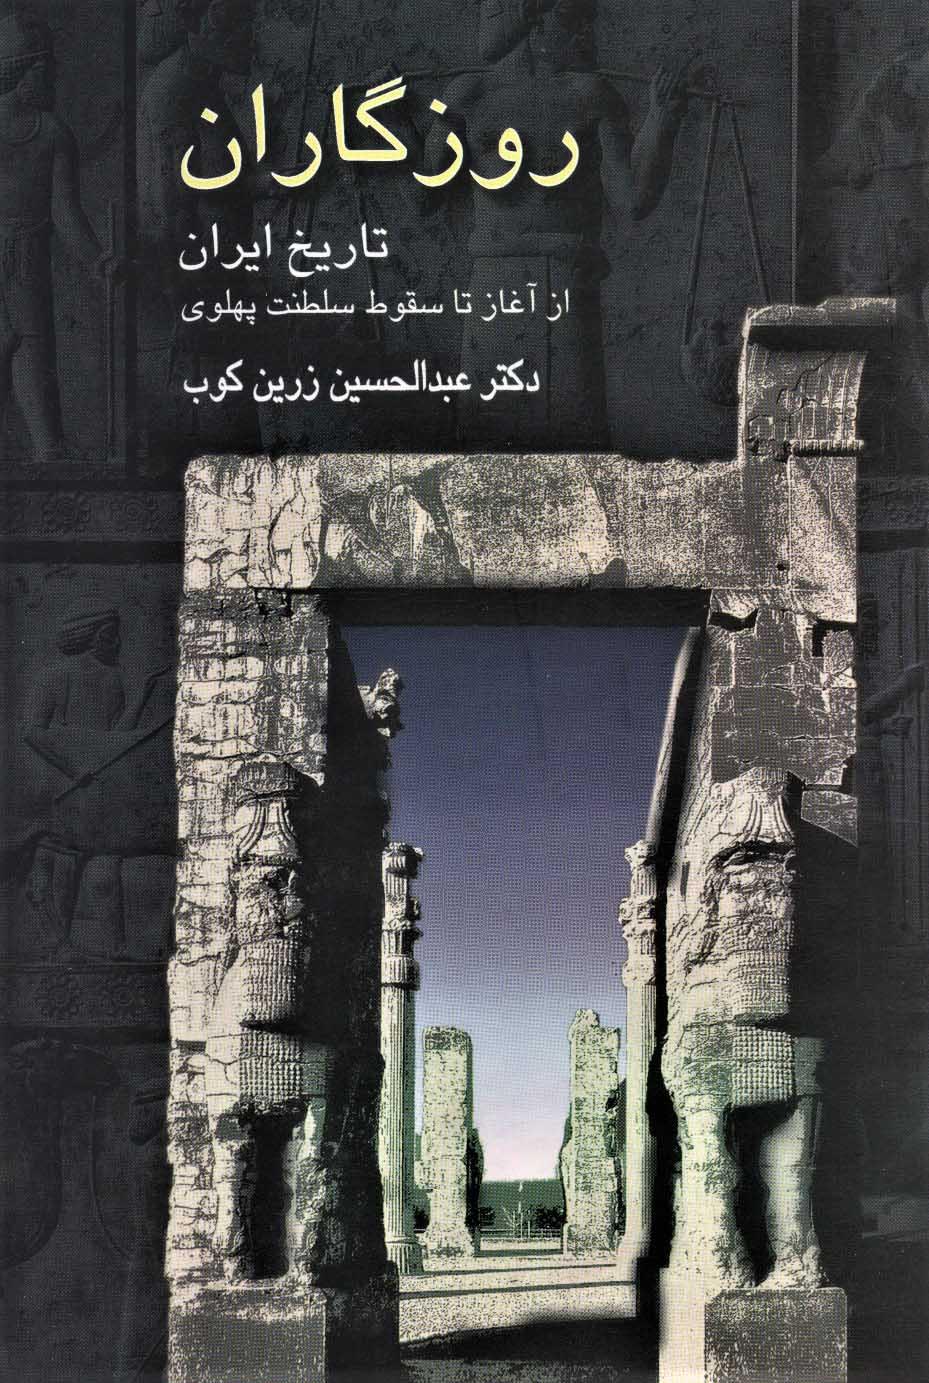 روزگاران (تاریخ ایران از آغاز تا سقوط سلطنت پهلوی)